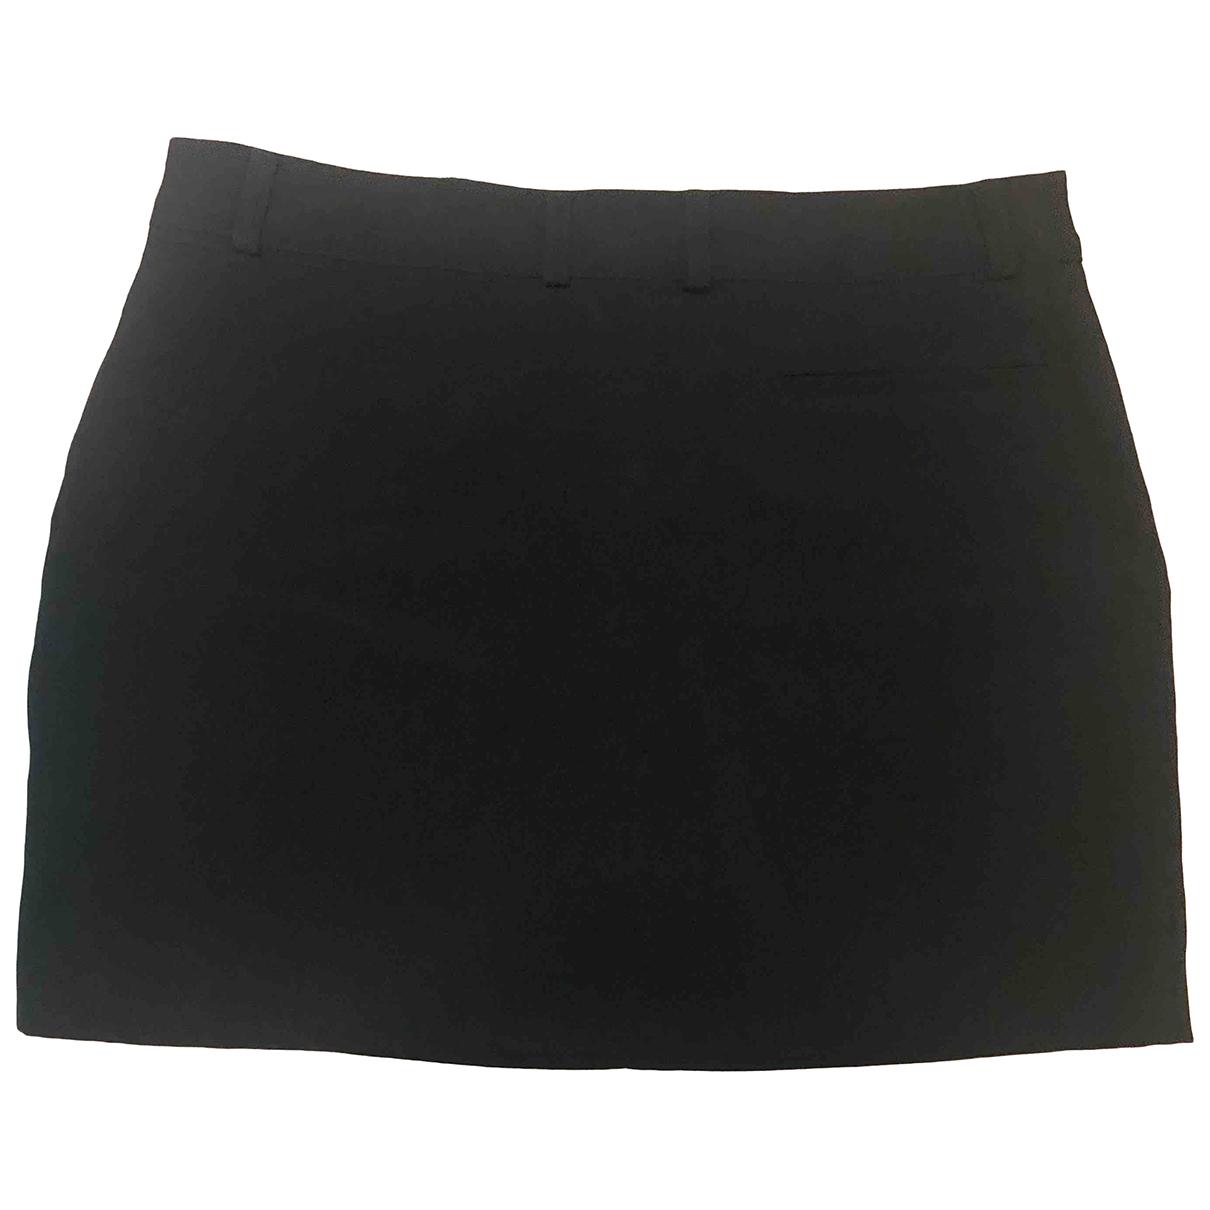 Sézane \N Black Cotton skirt for Women 36 FR